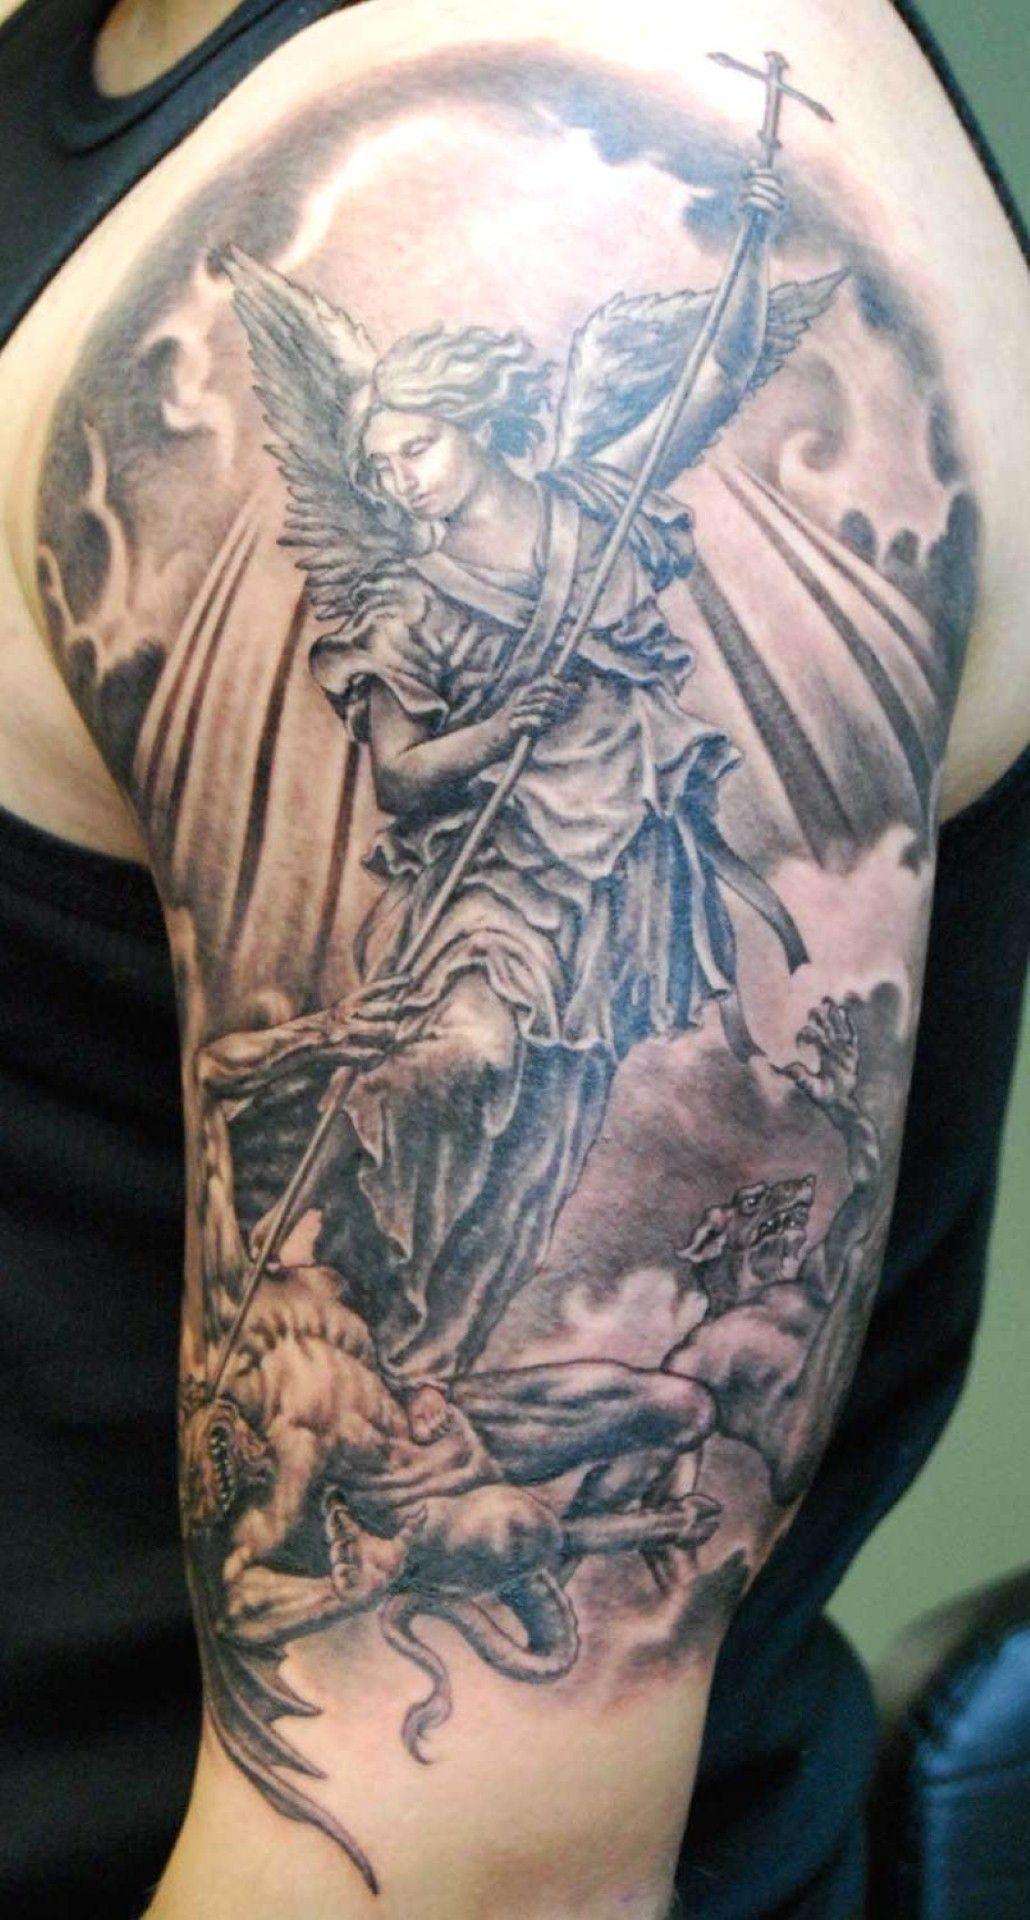 Best angel tattoo designs-6195